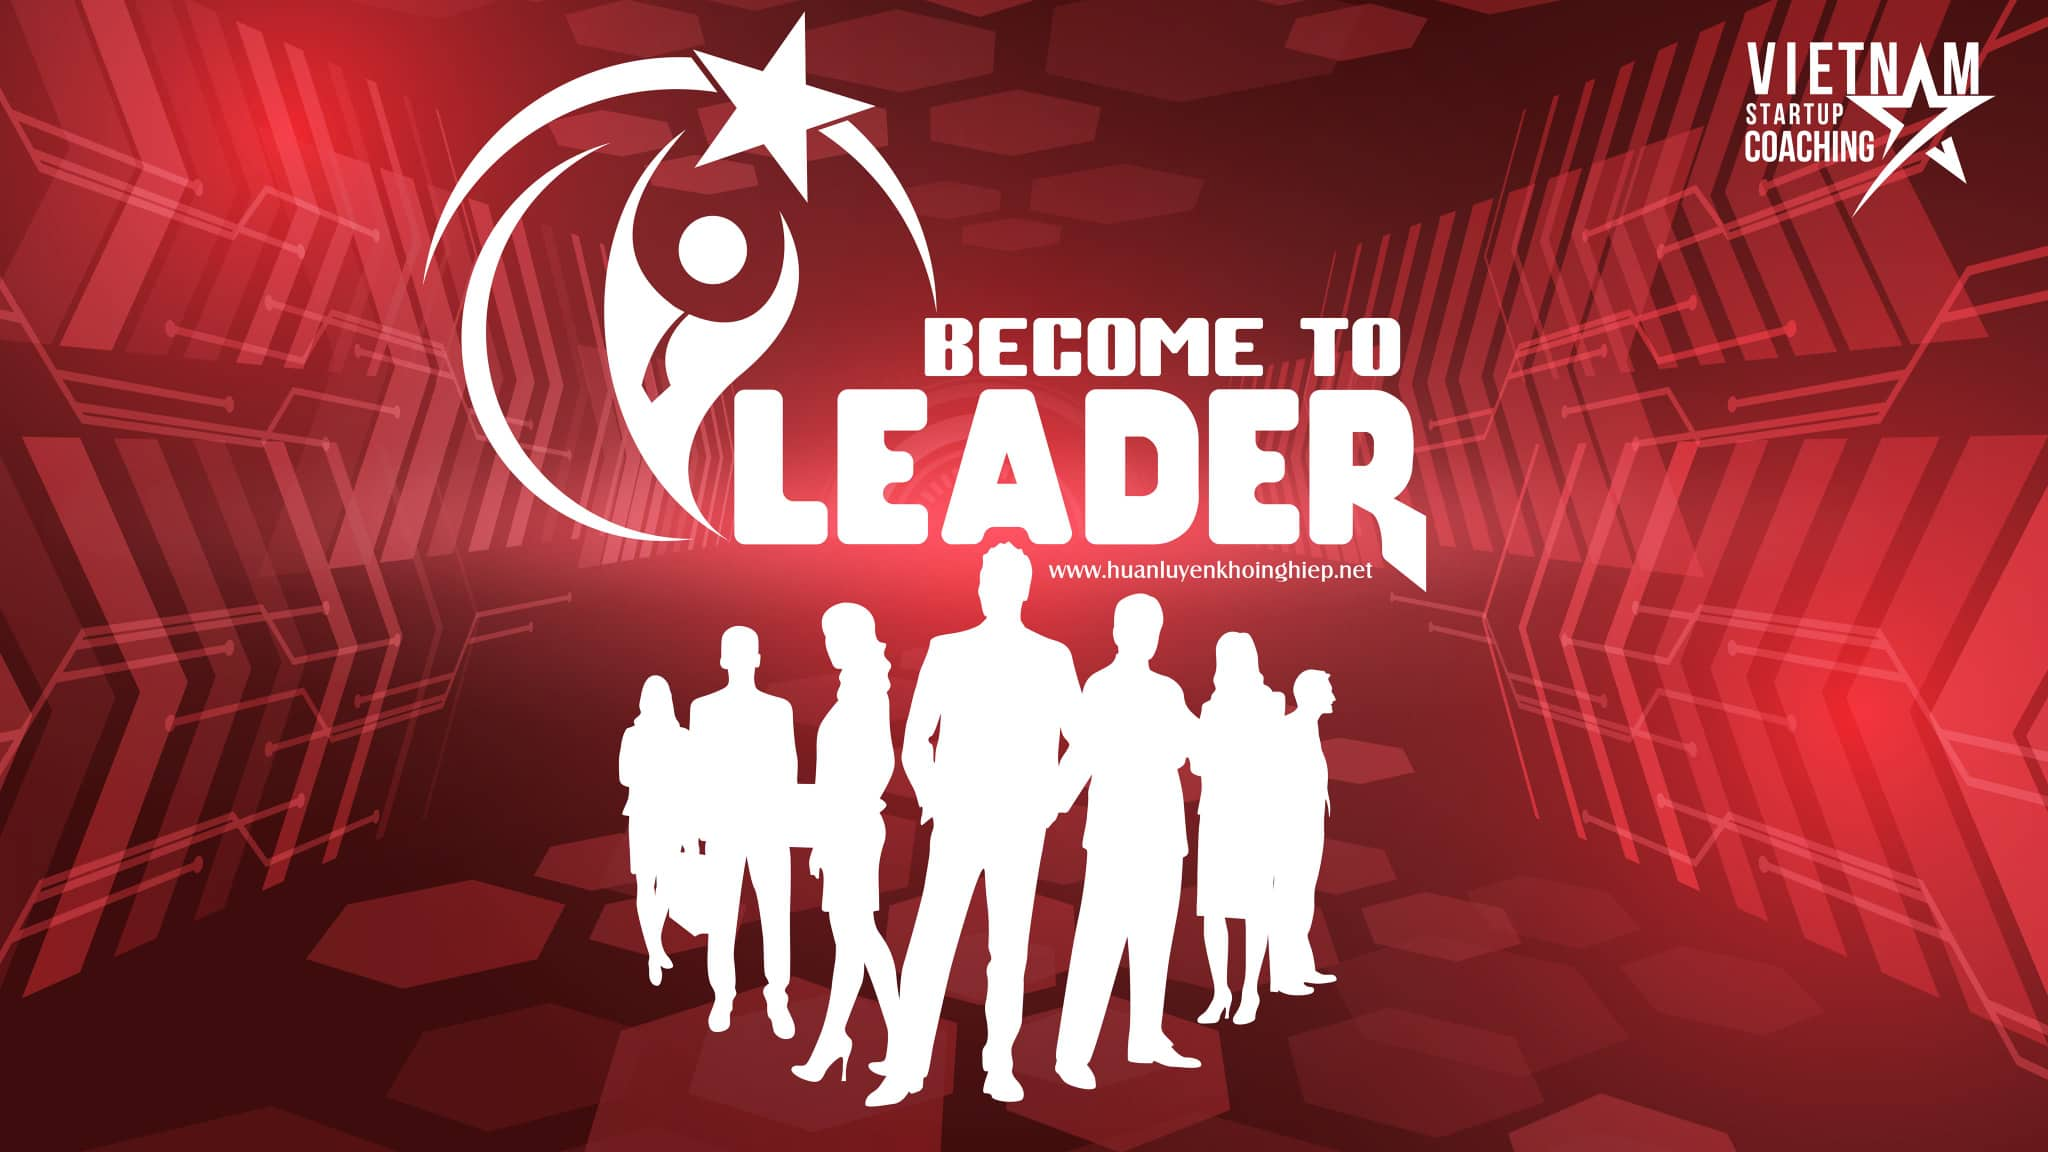 BECOME TO LEADER K1 – BÀI HỌC LÃNH ĐẠO TỪ TÂM